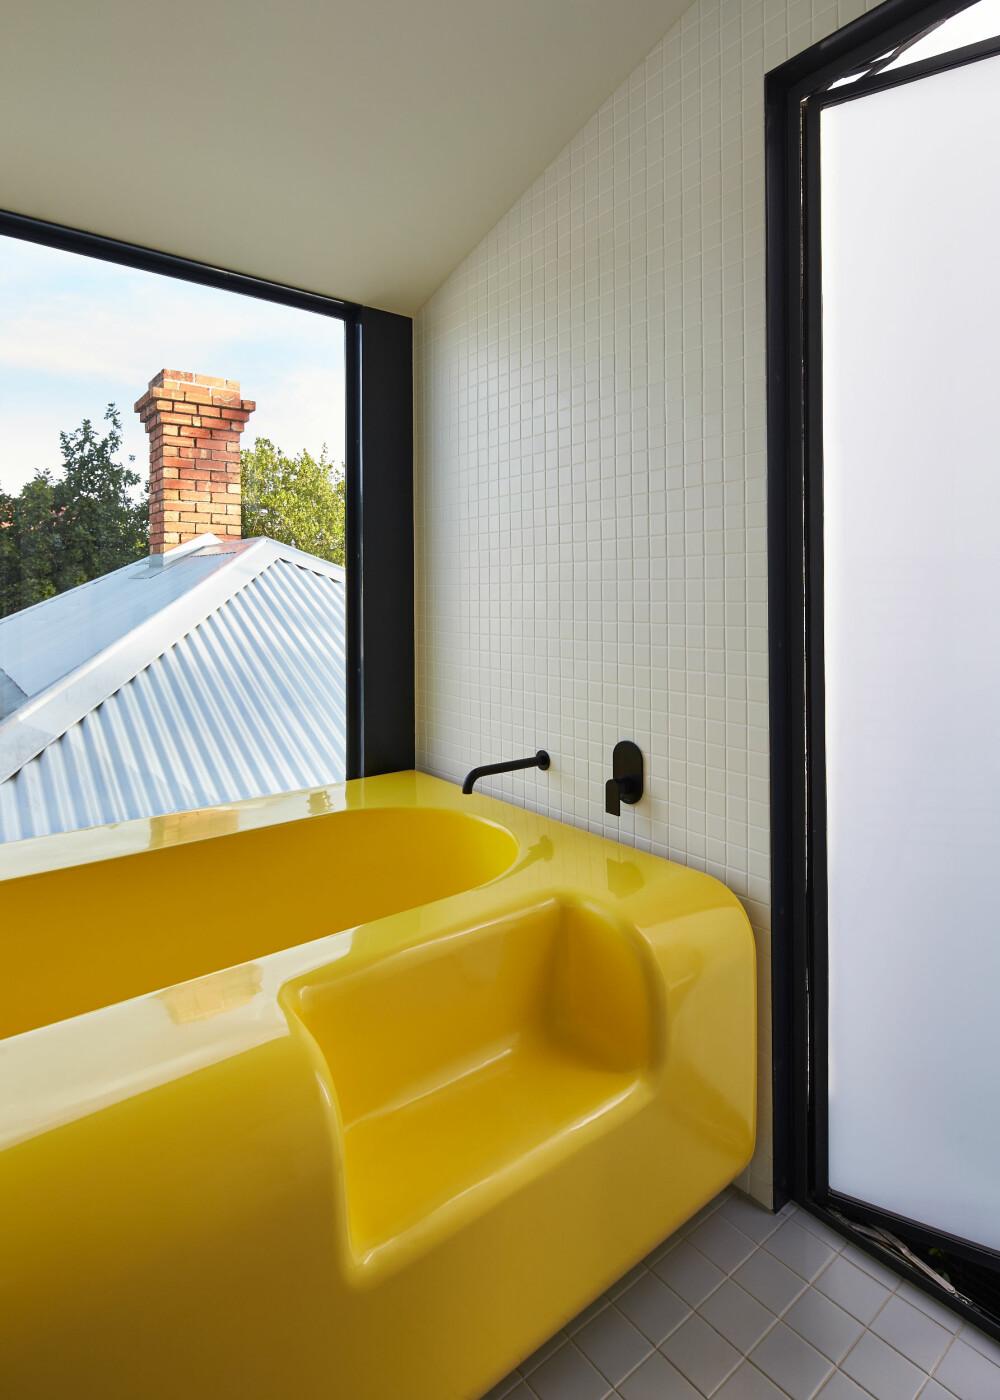 PLASSBYGGET: Badekaret i fiberplast ble bygget etter mål, for å minimere stedene hvor det kunne samle seg opp skitt og støv.